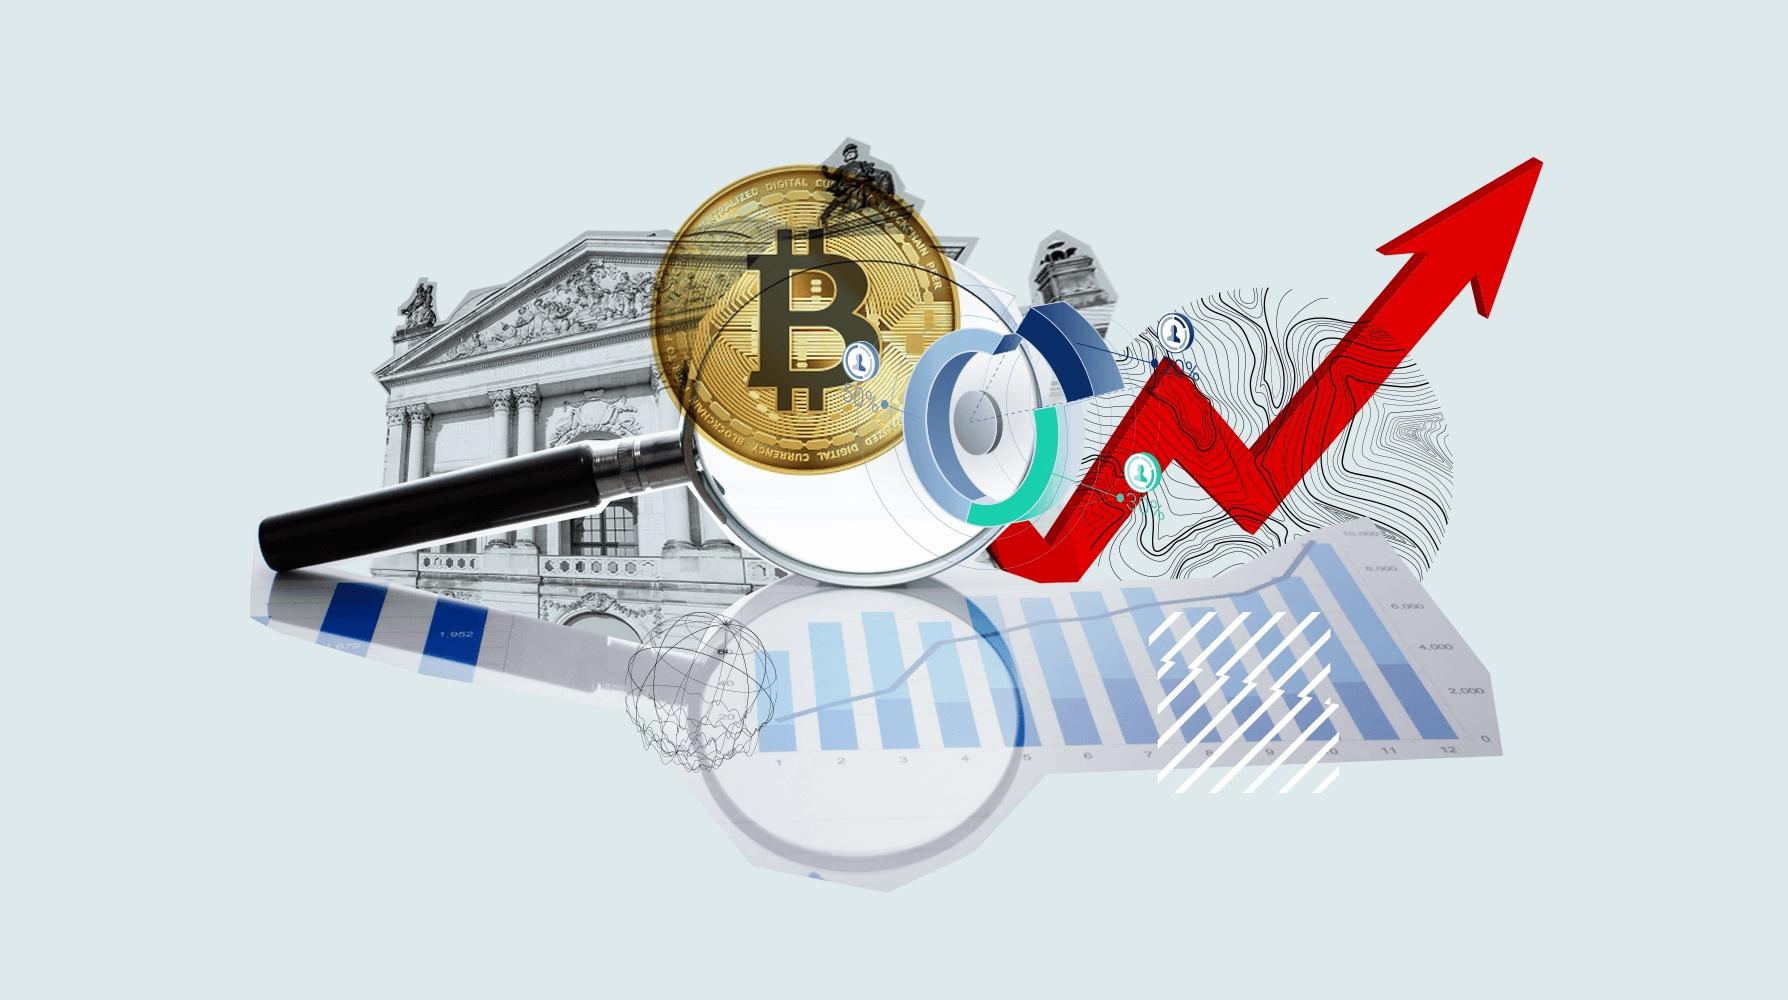 解析加密货币衍生品行业监管现状及潜在影响